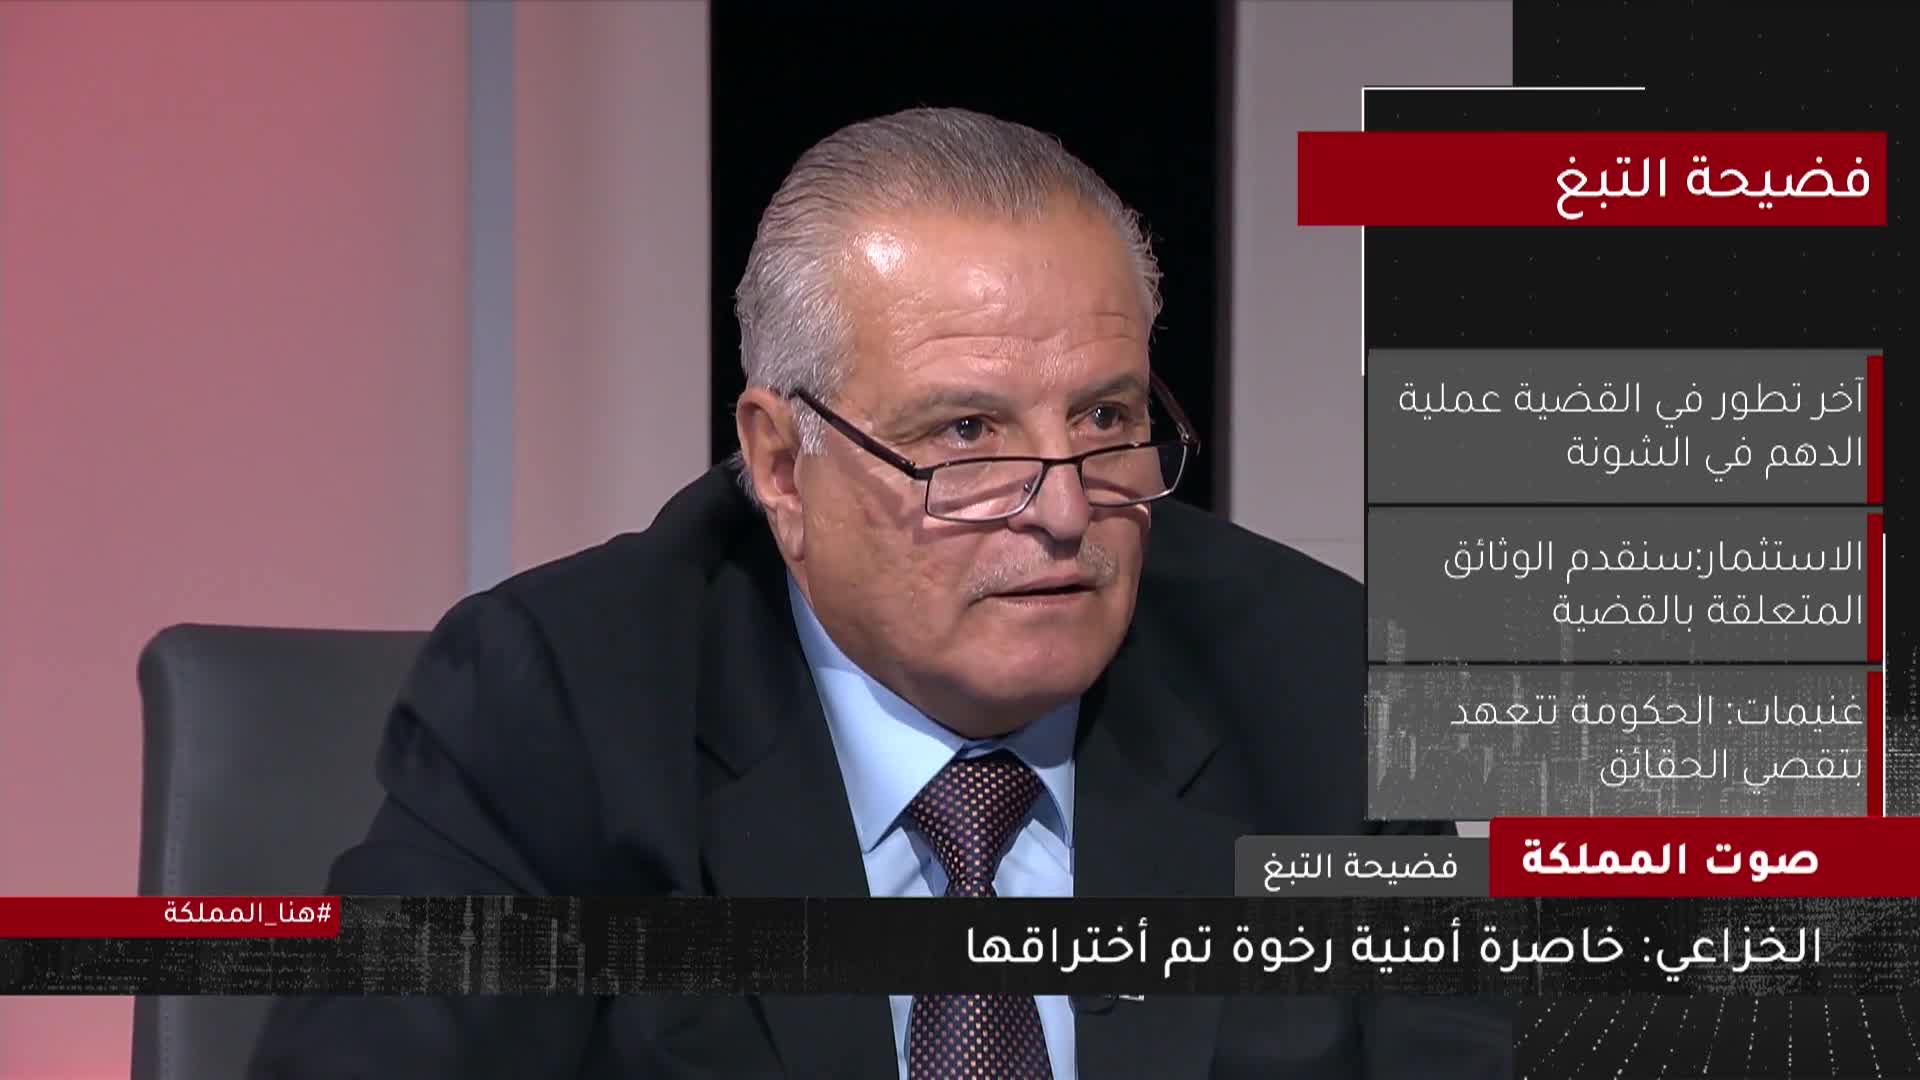 صوت المملكة | شاهد ... قضية التبغ في الأردن بالتفاصيل